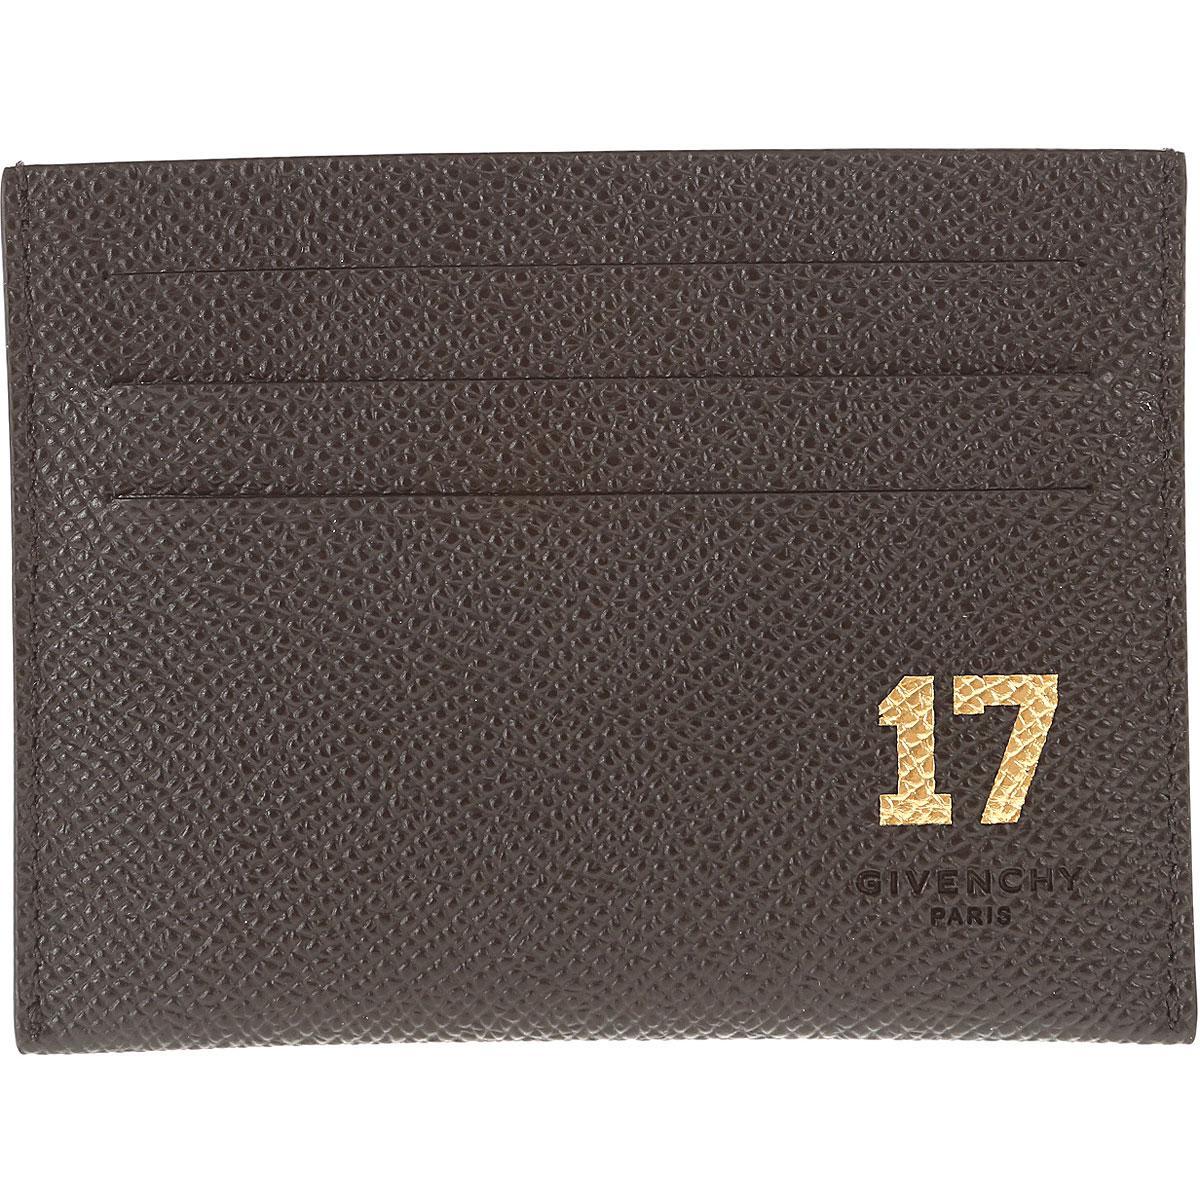 990e18cc1ce18 Givenchy Kartenhalter für Herren in Schwarz für Herren - Lyst